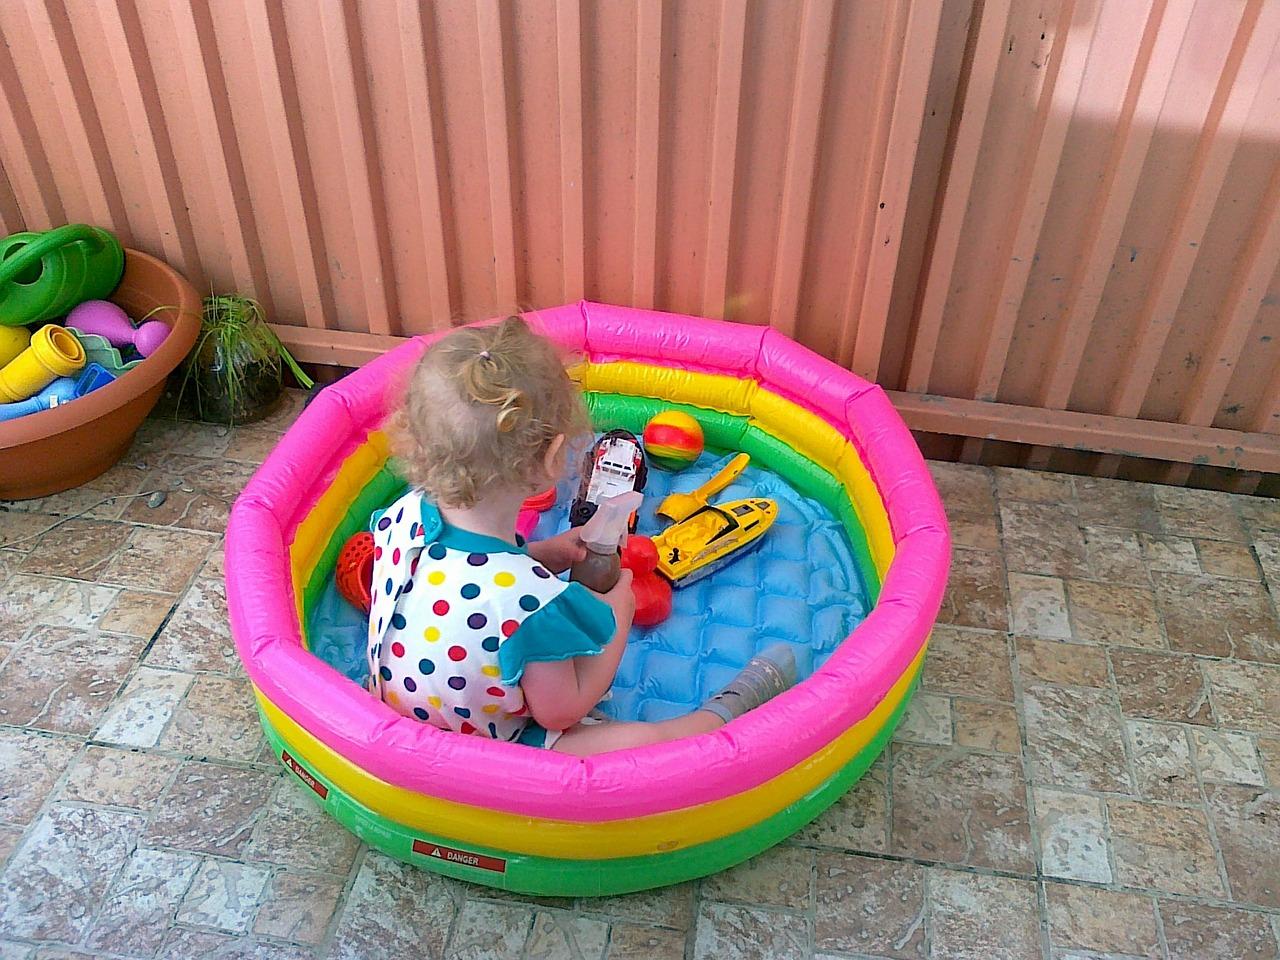 Как выбрать детский надувной бассейн?